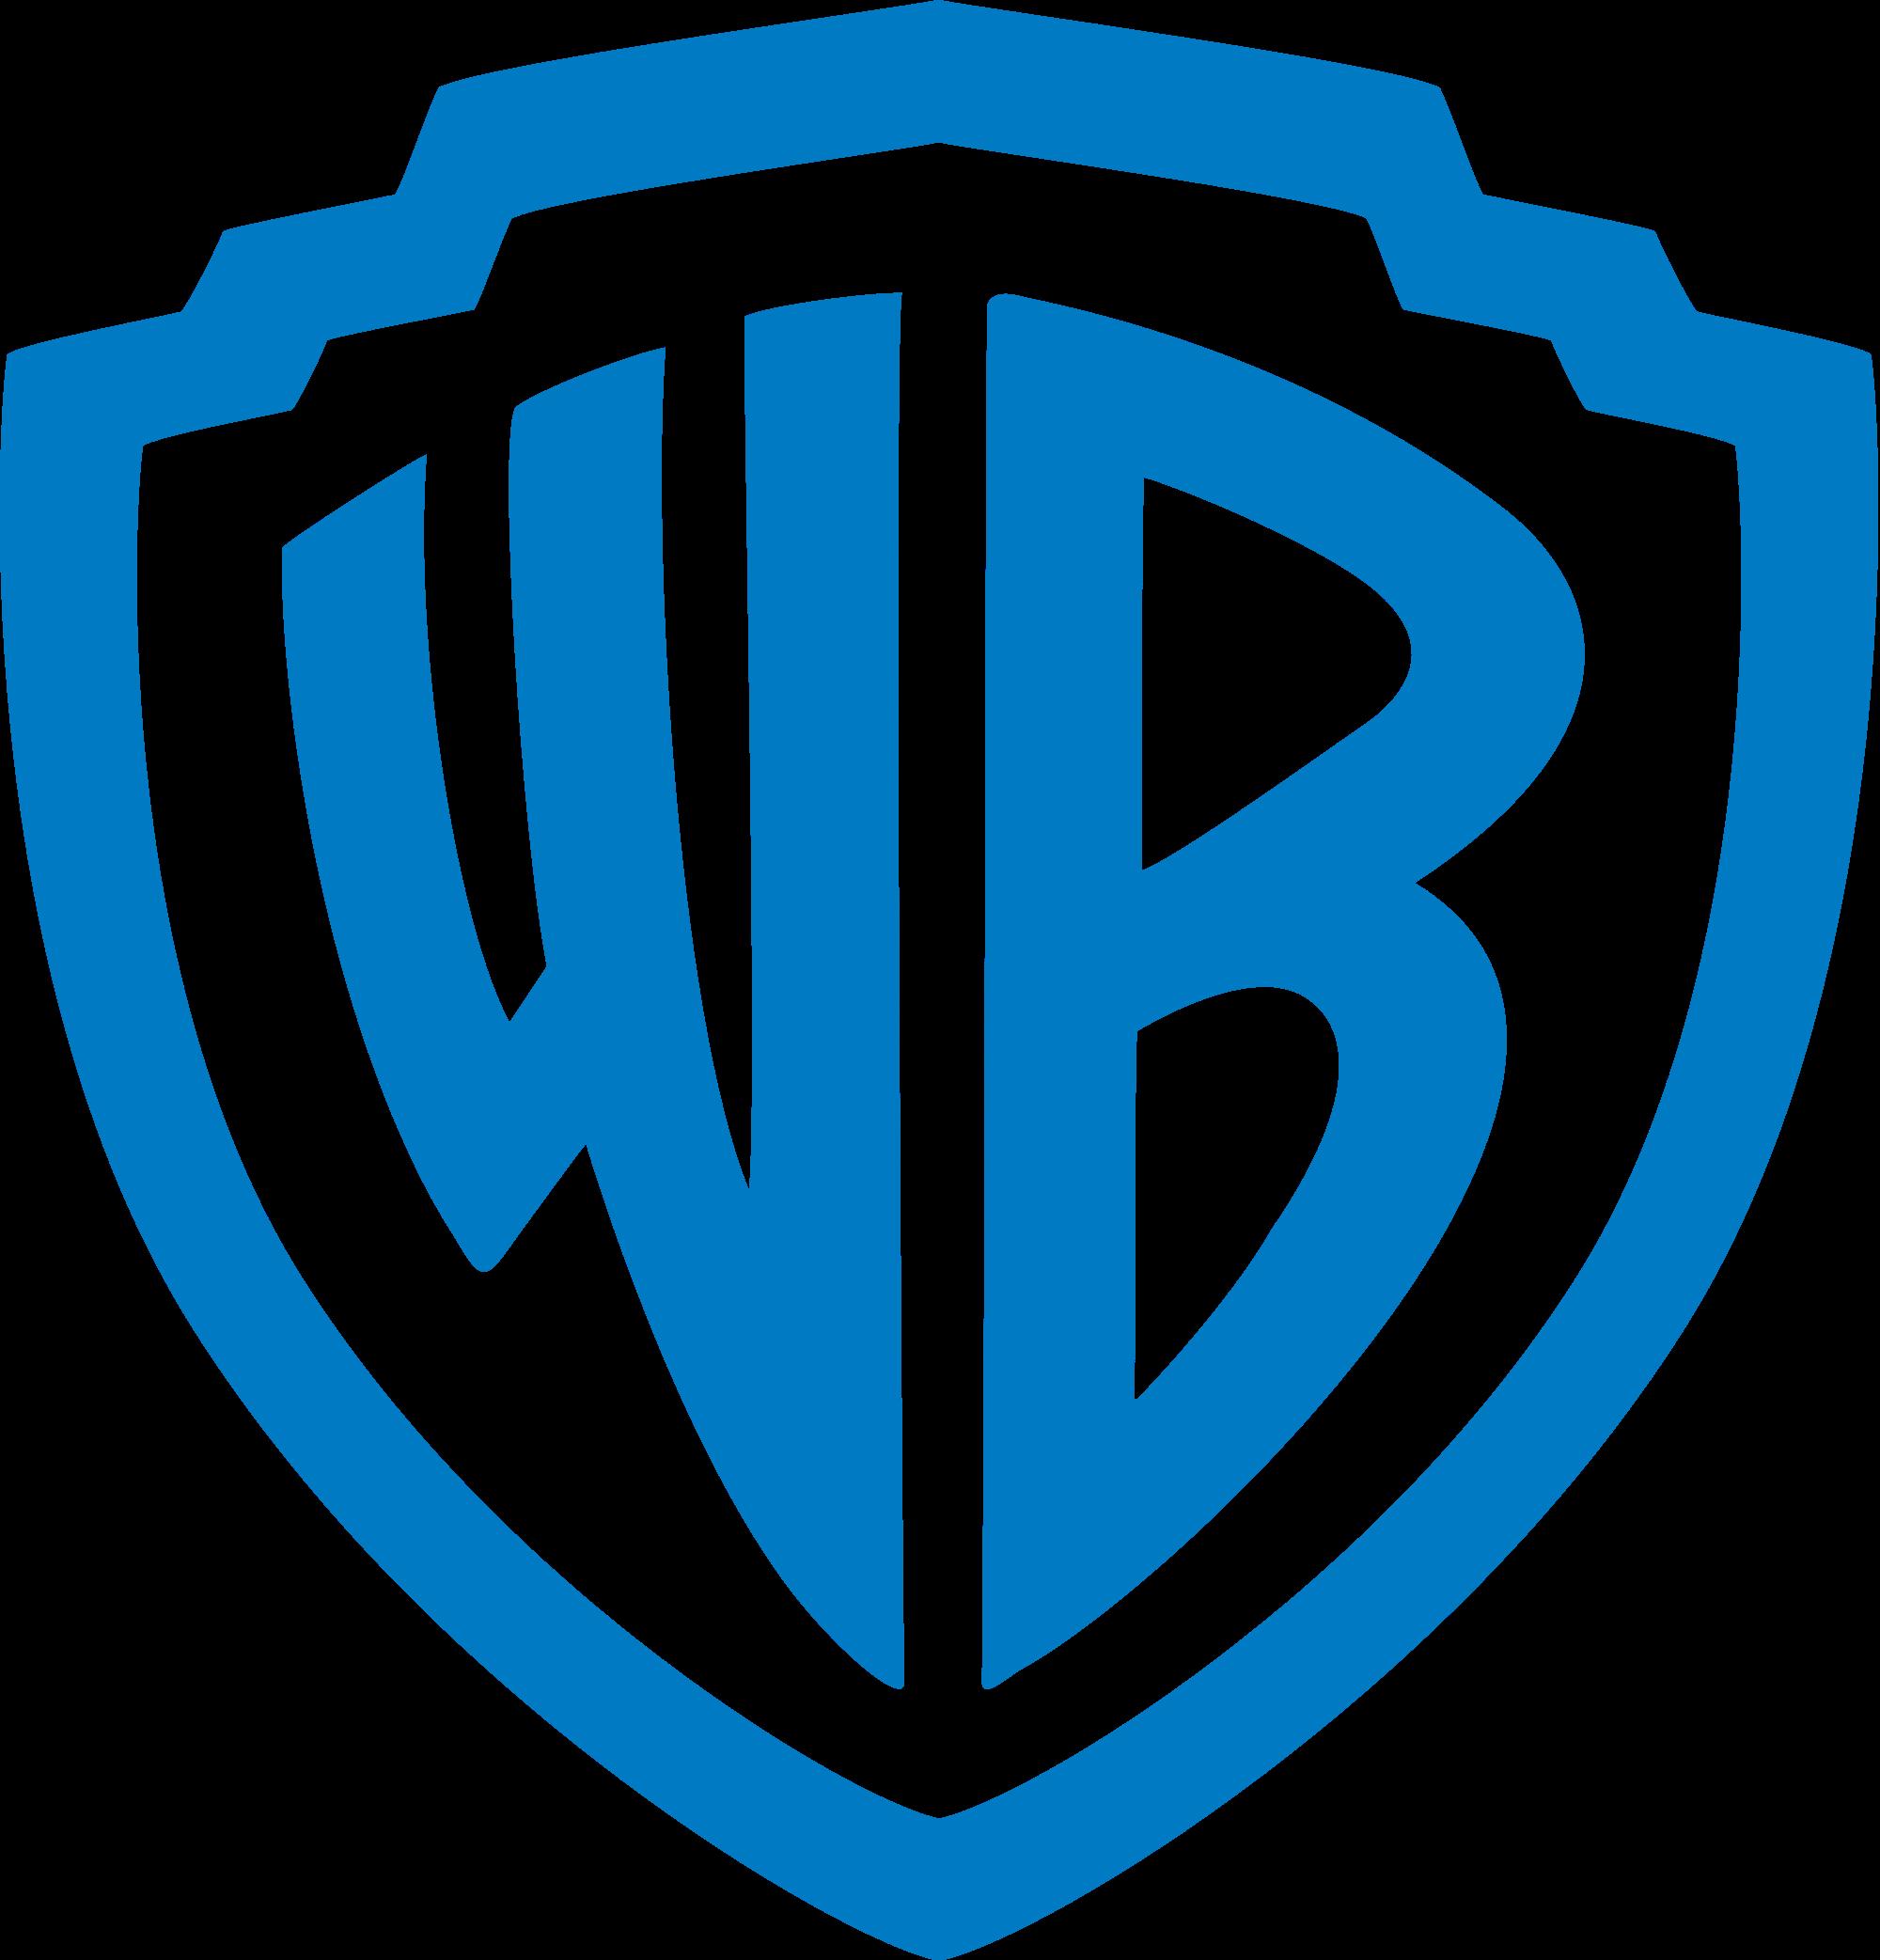 Batman (film)/Credits